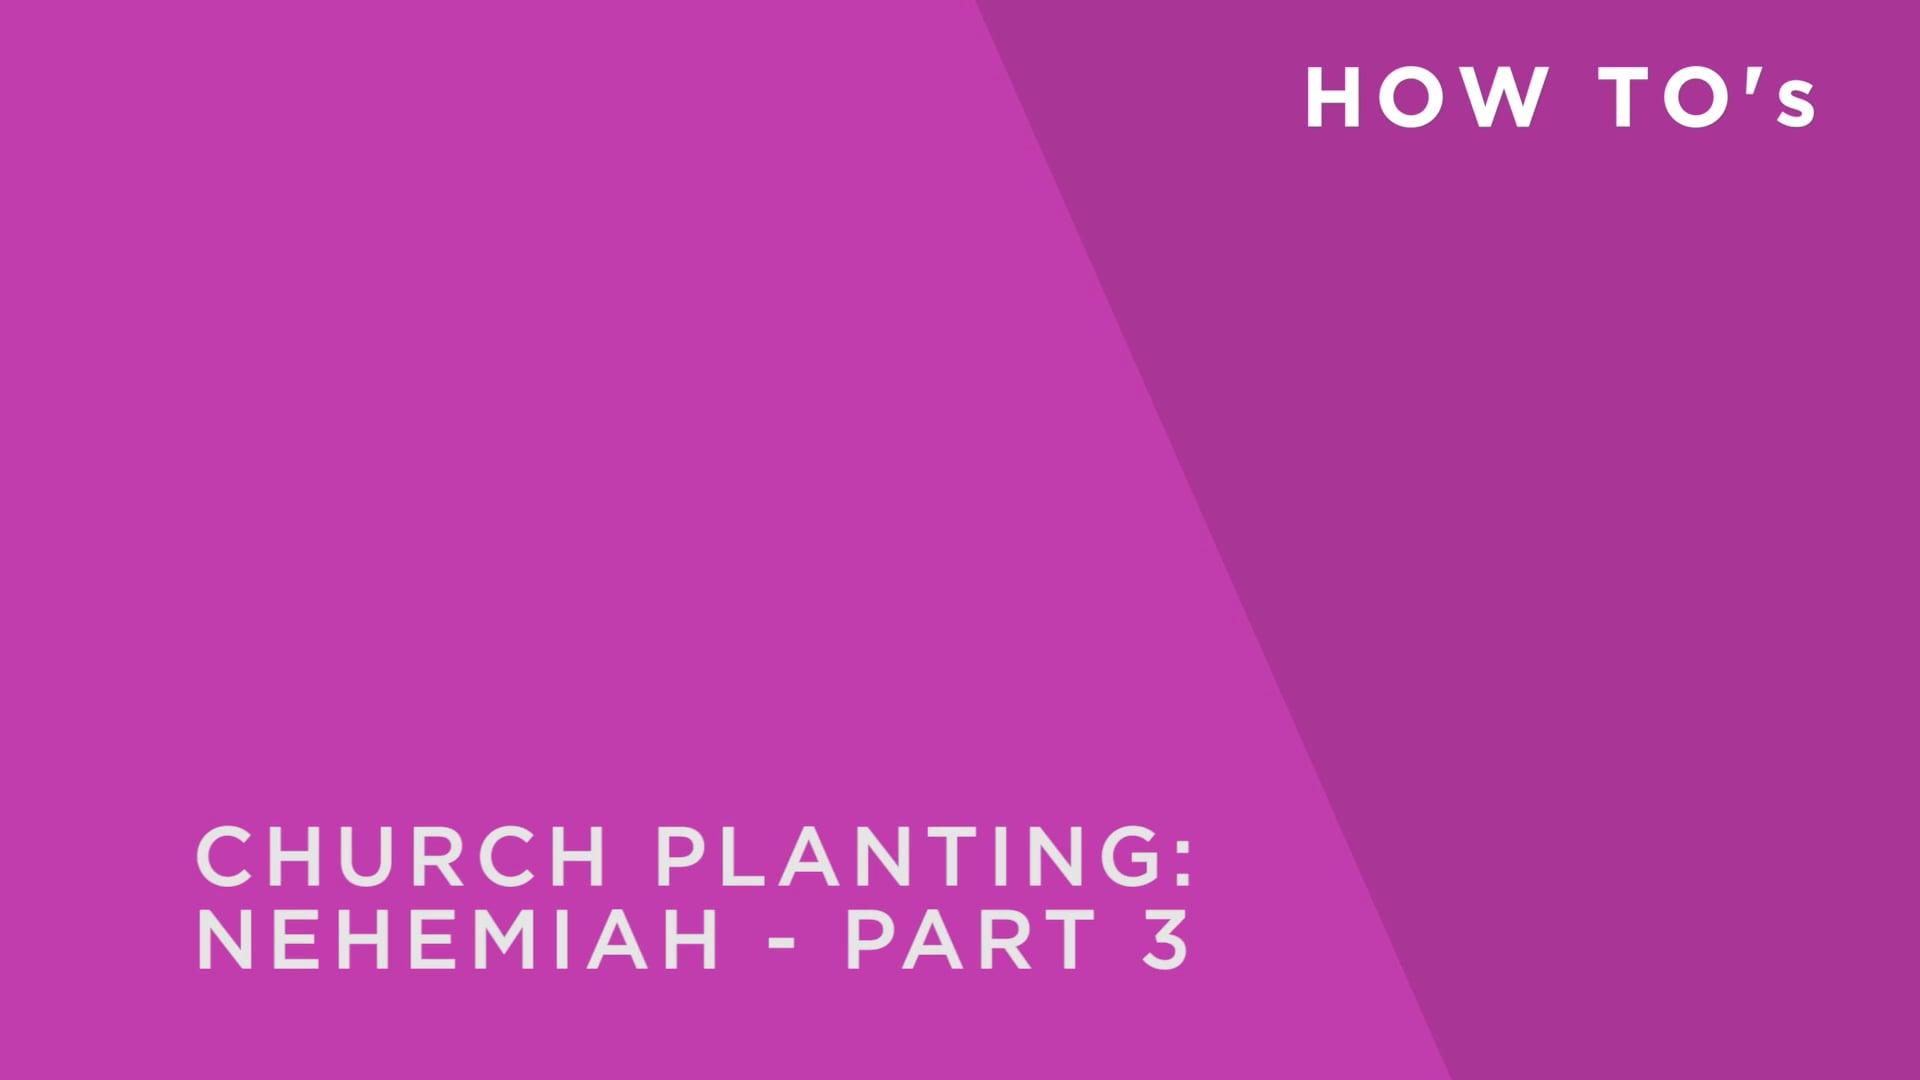 Church Planting: Nehemiah 3